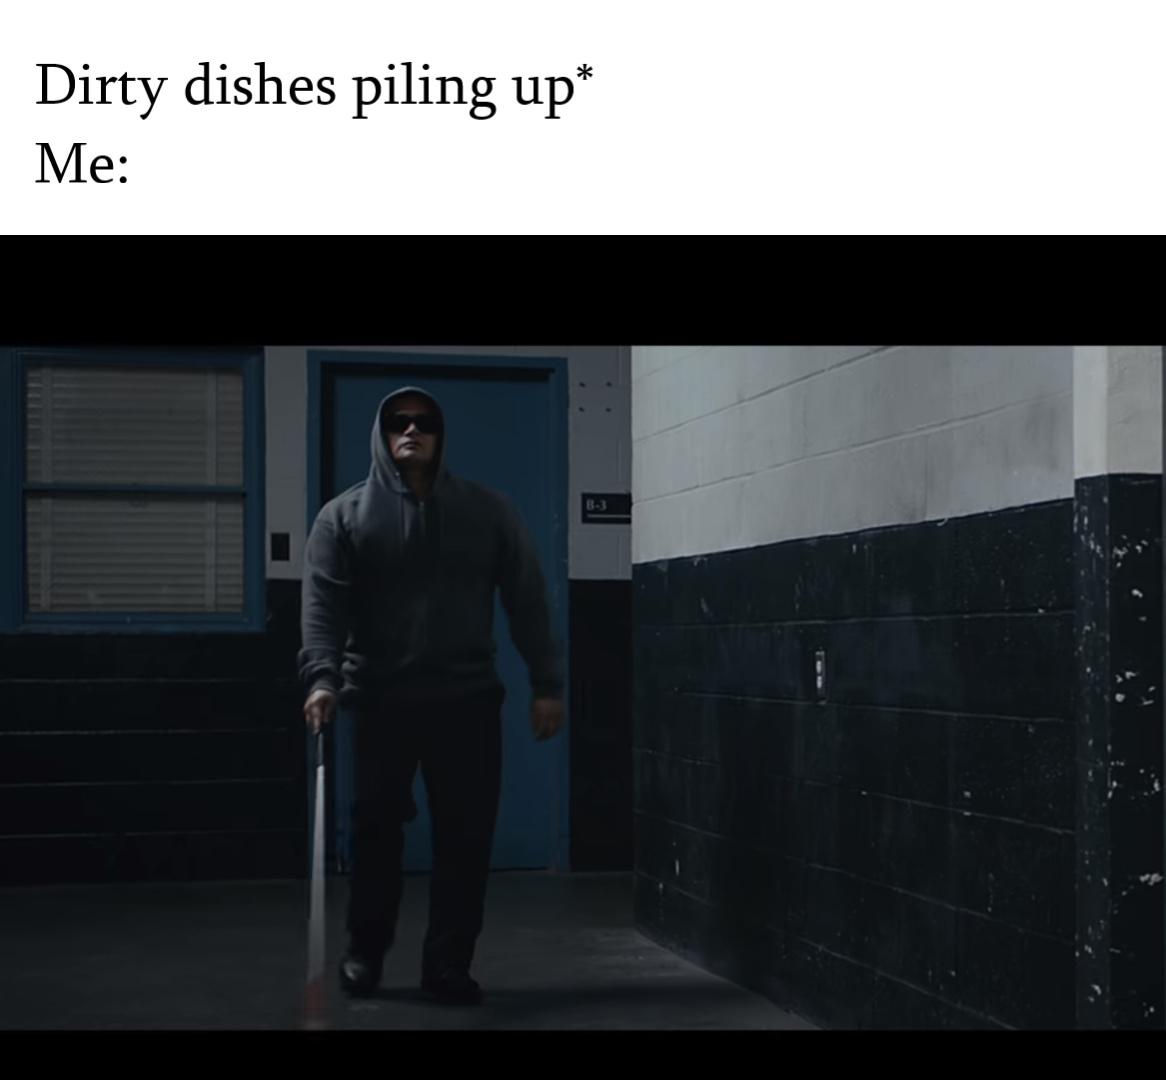 blind - meme